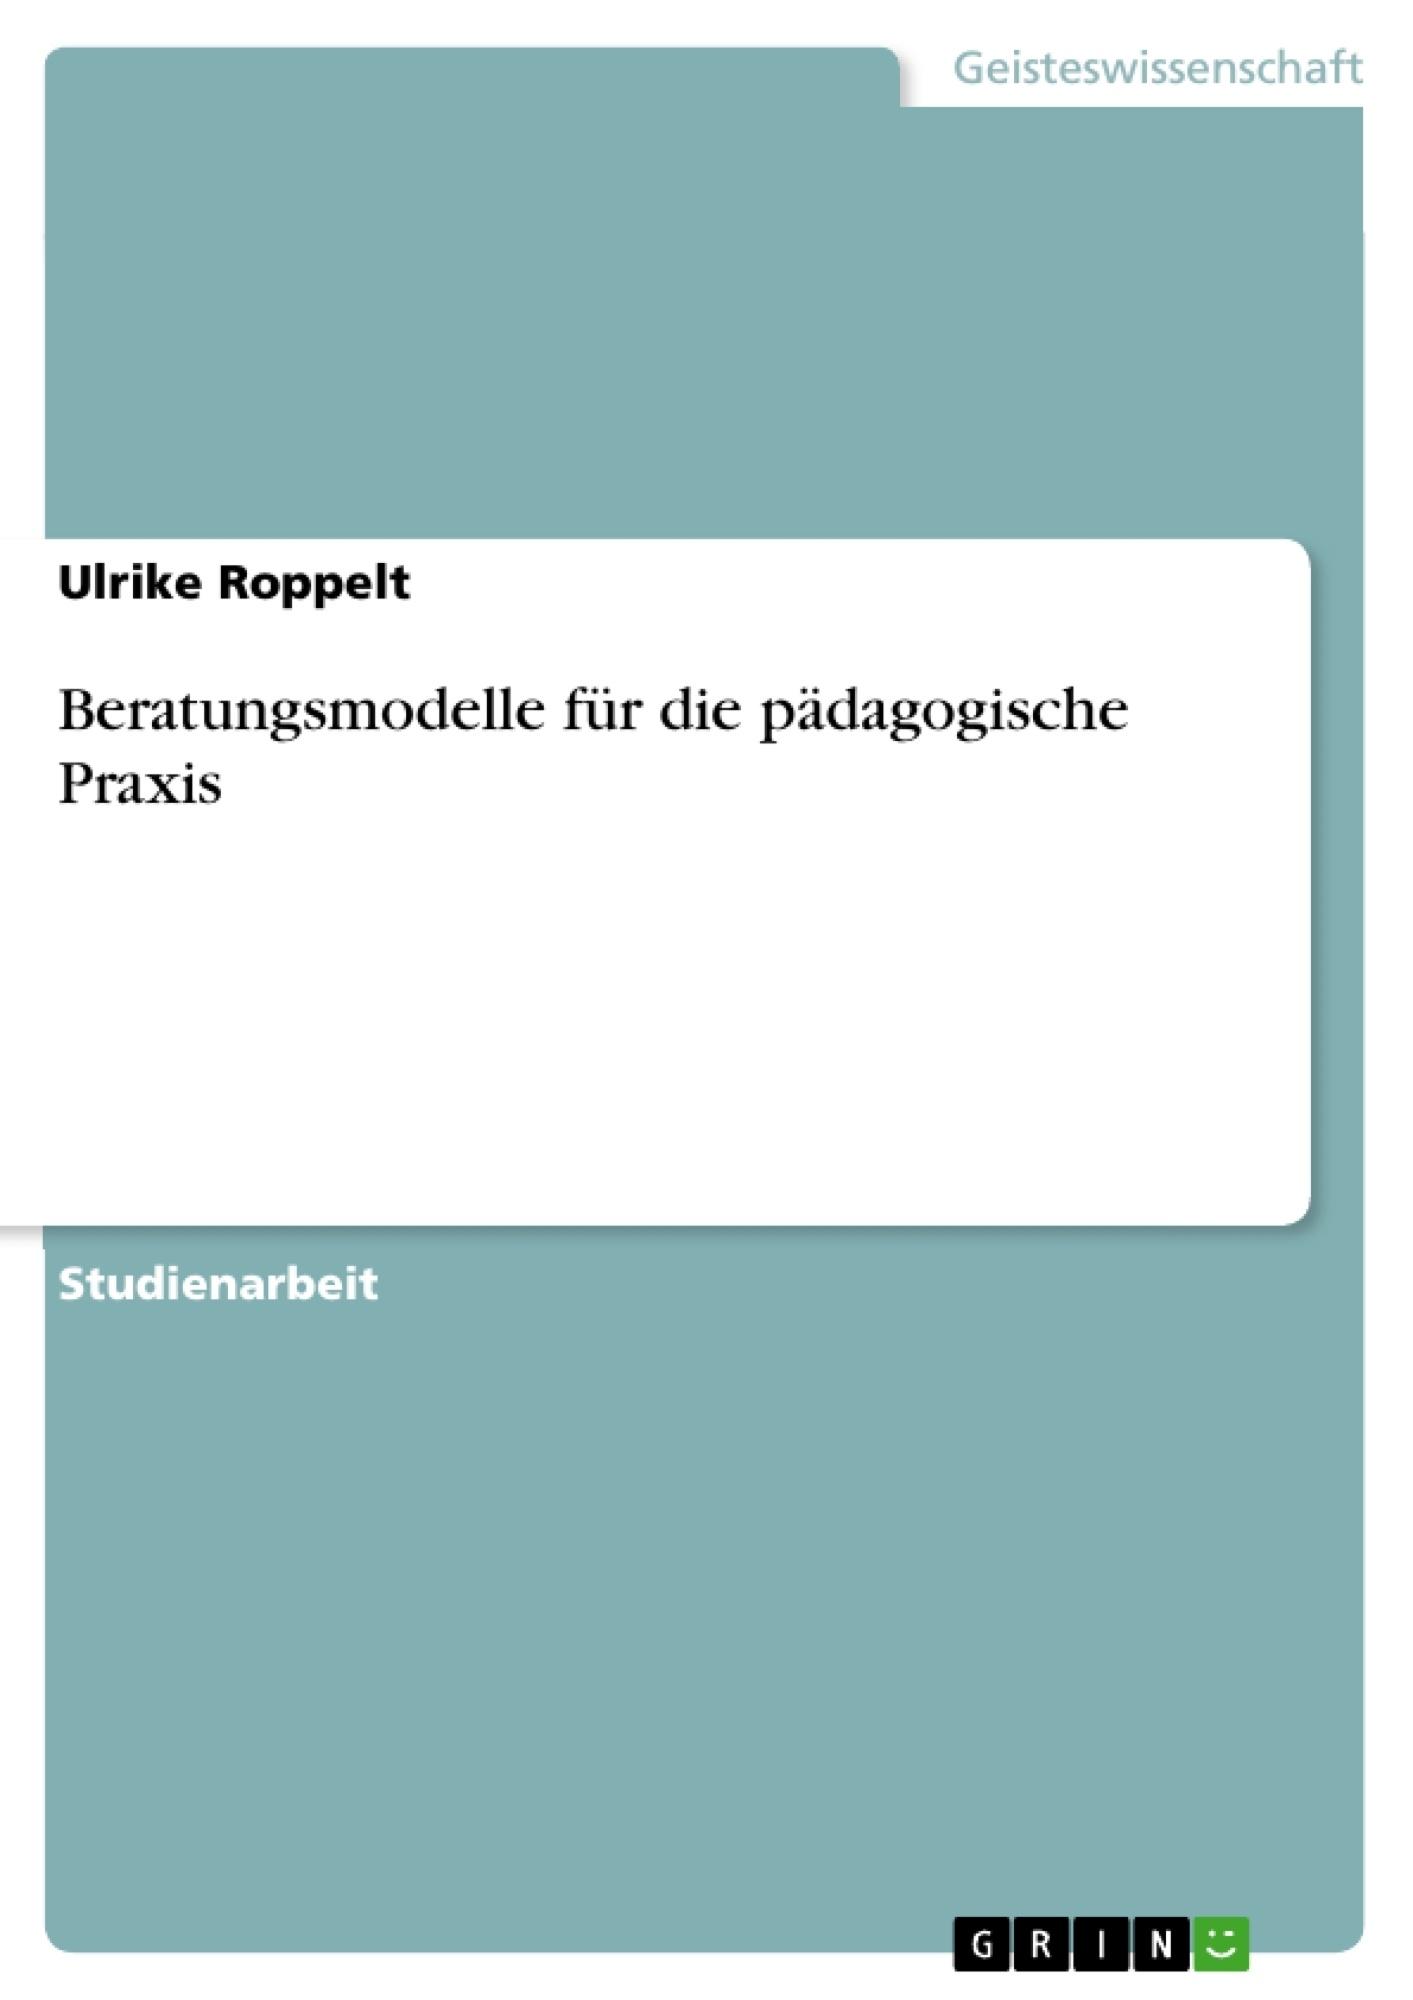 Titel: Beratungsmodelle für die pädagogische Praxis